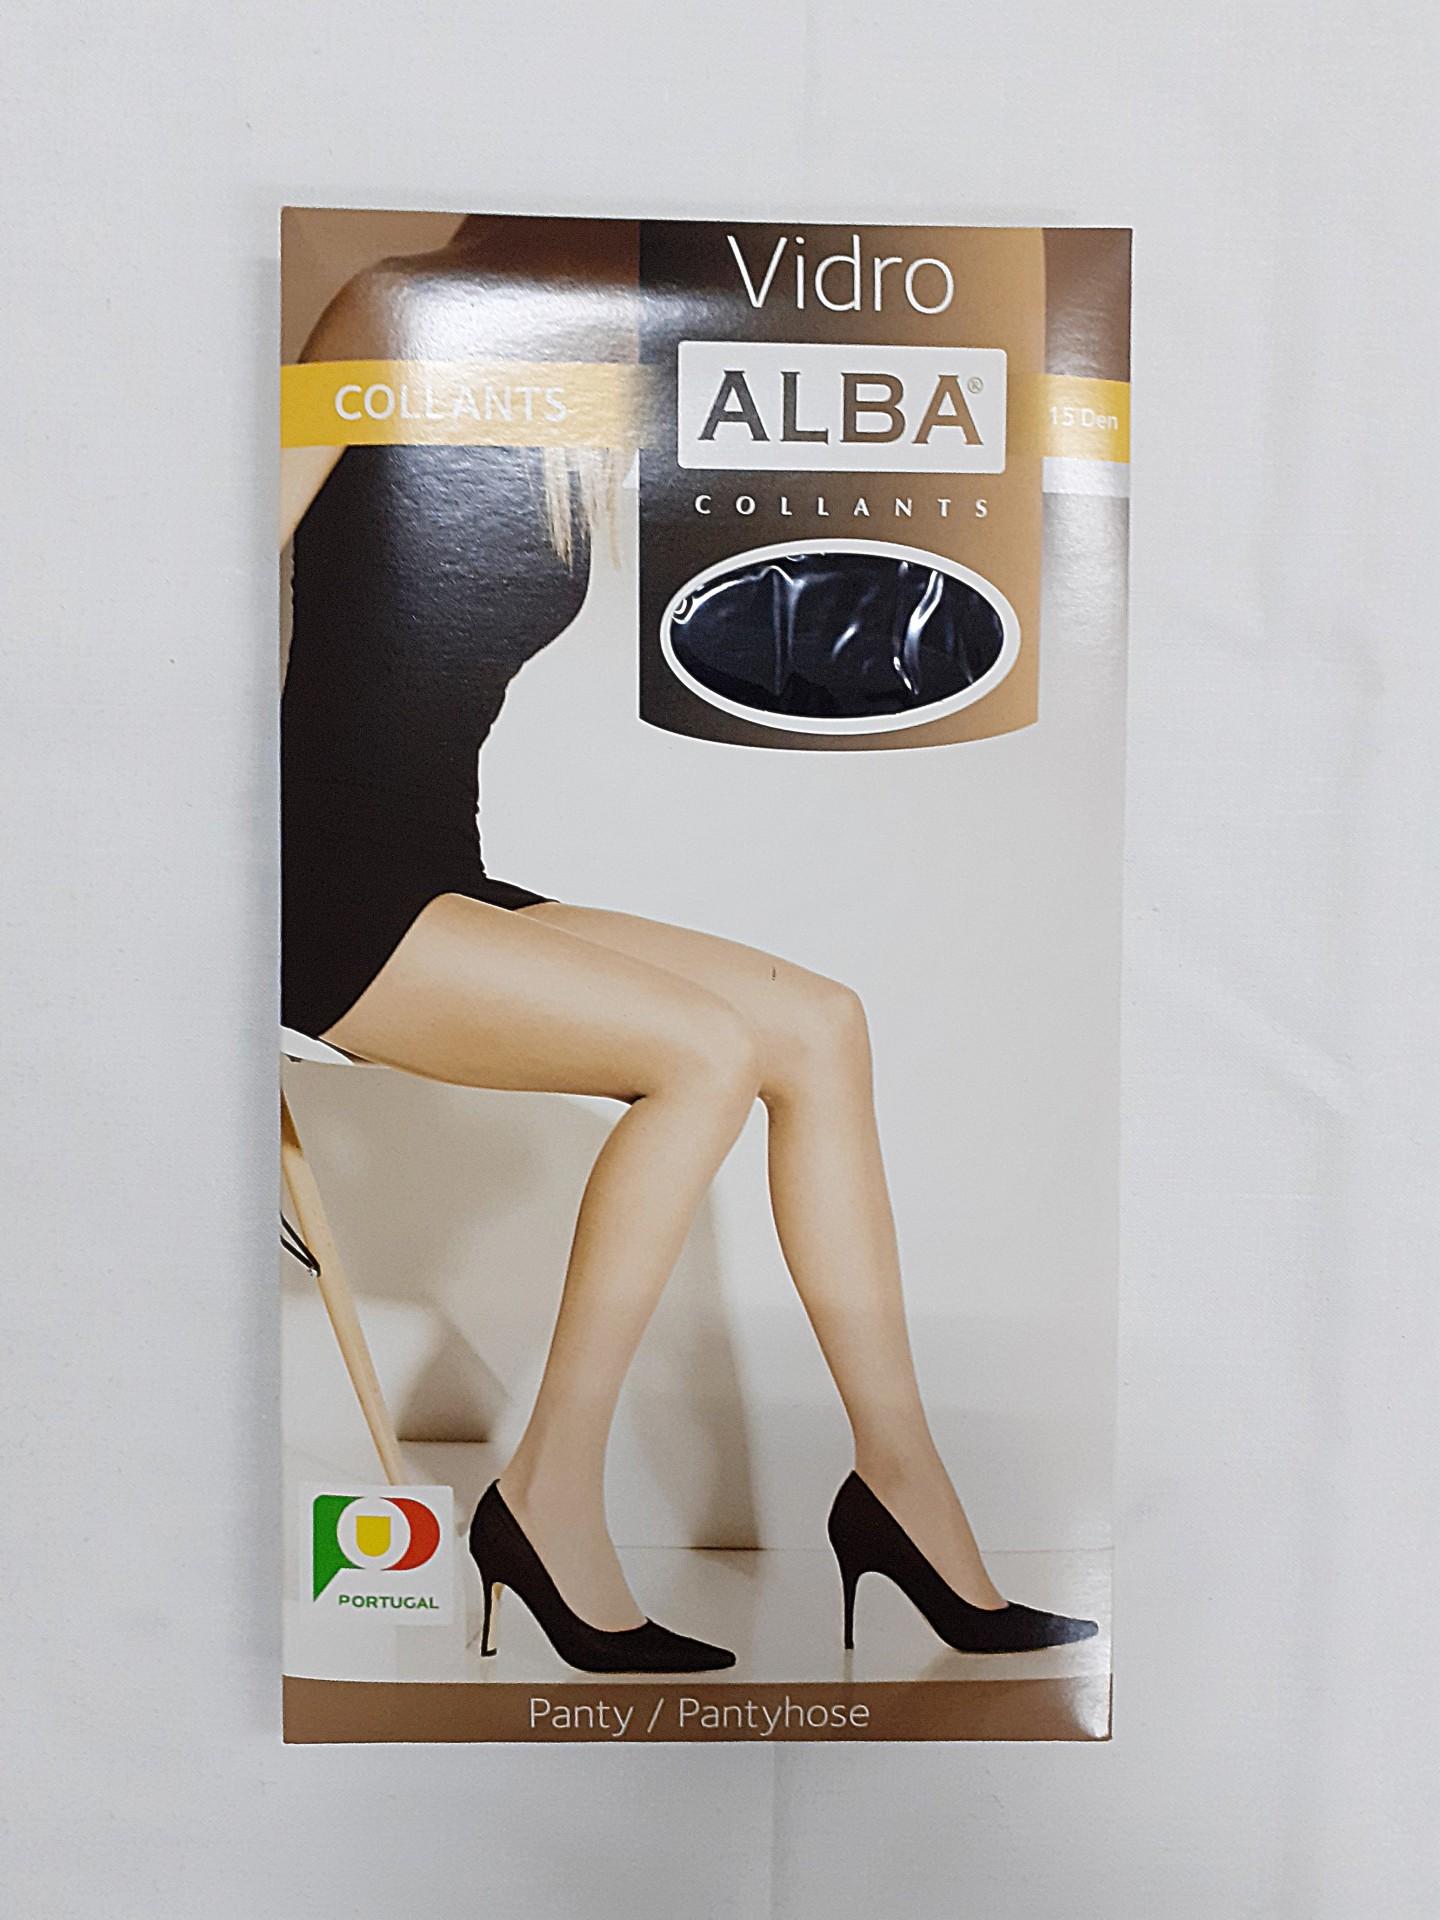 Collant Vidro Alba